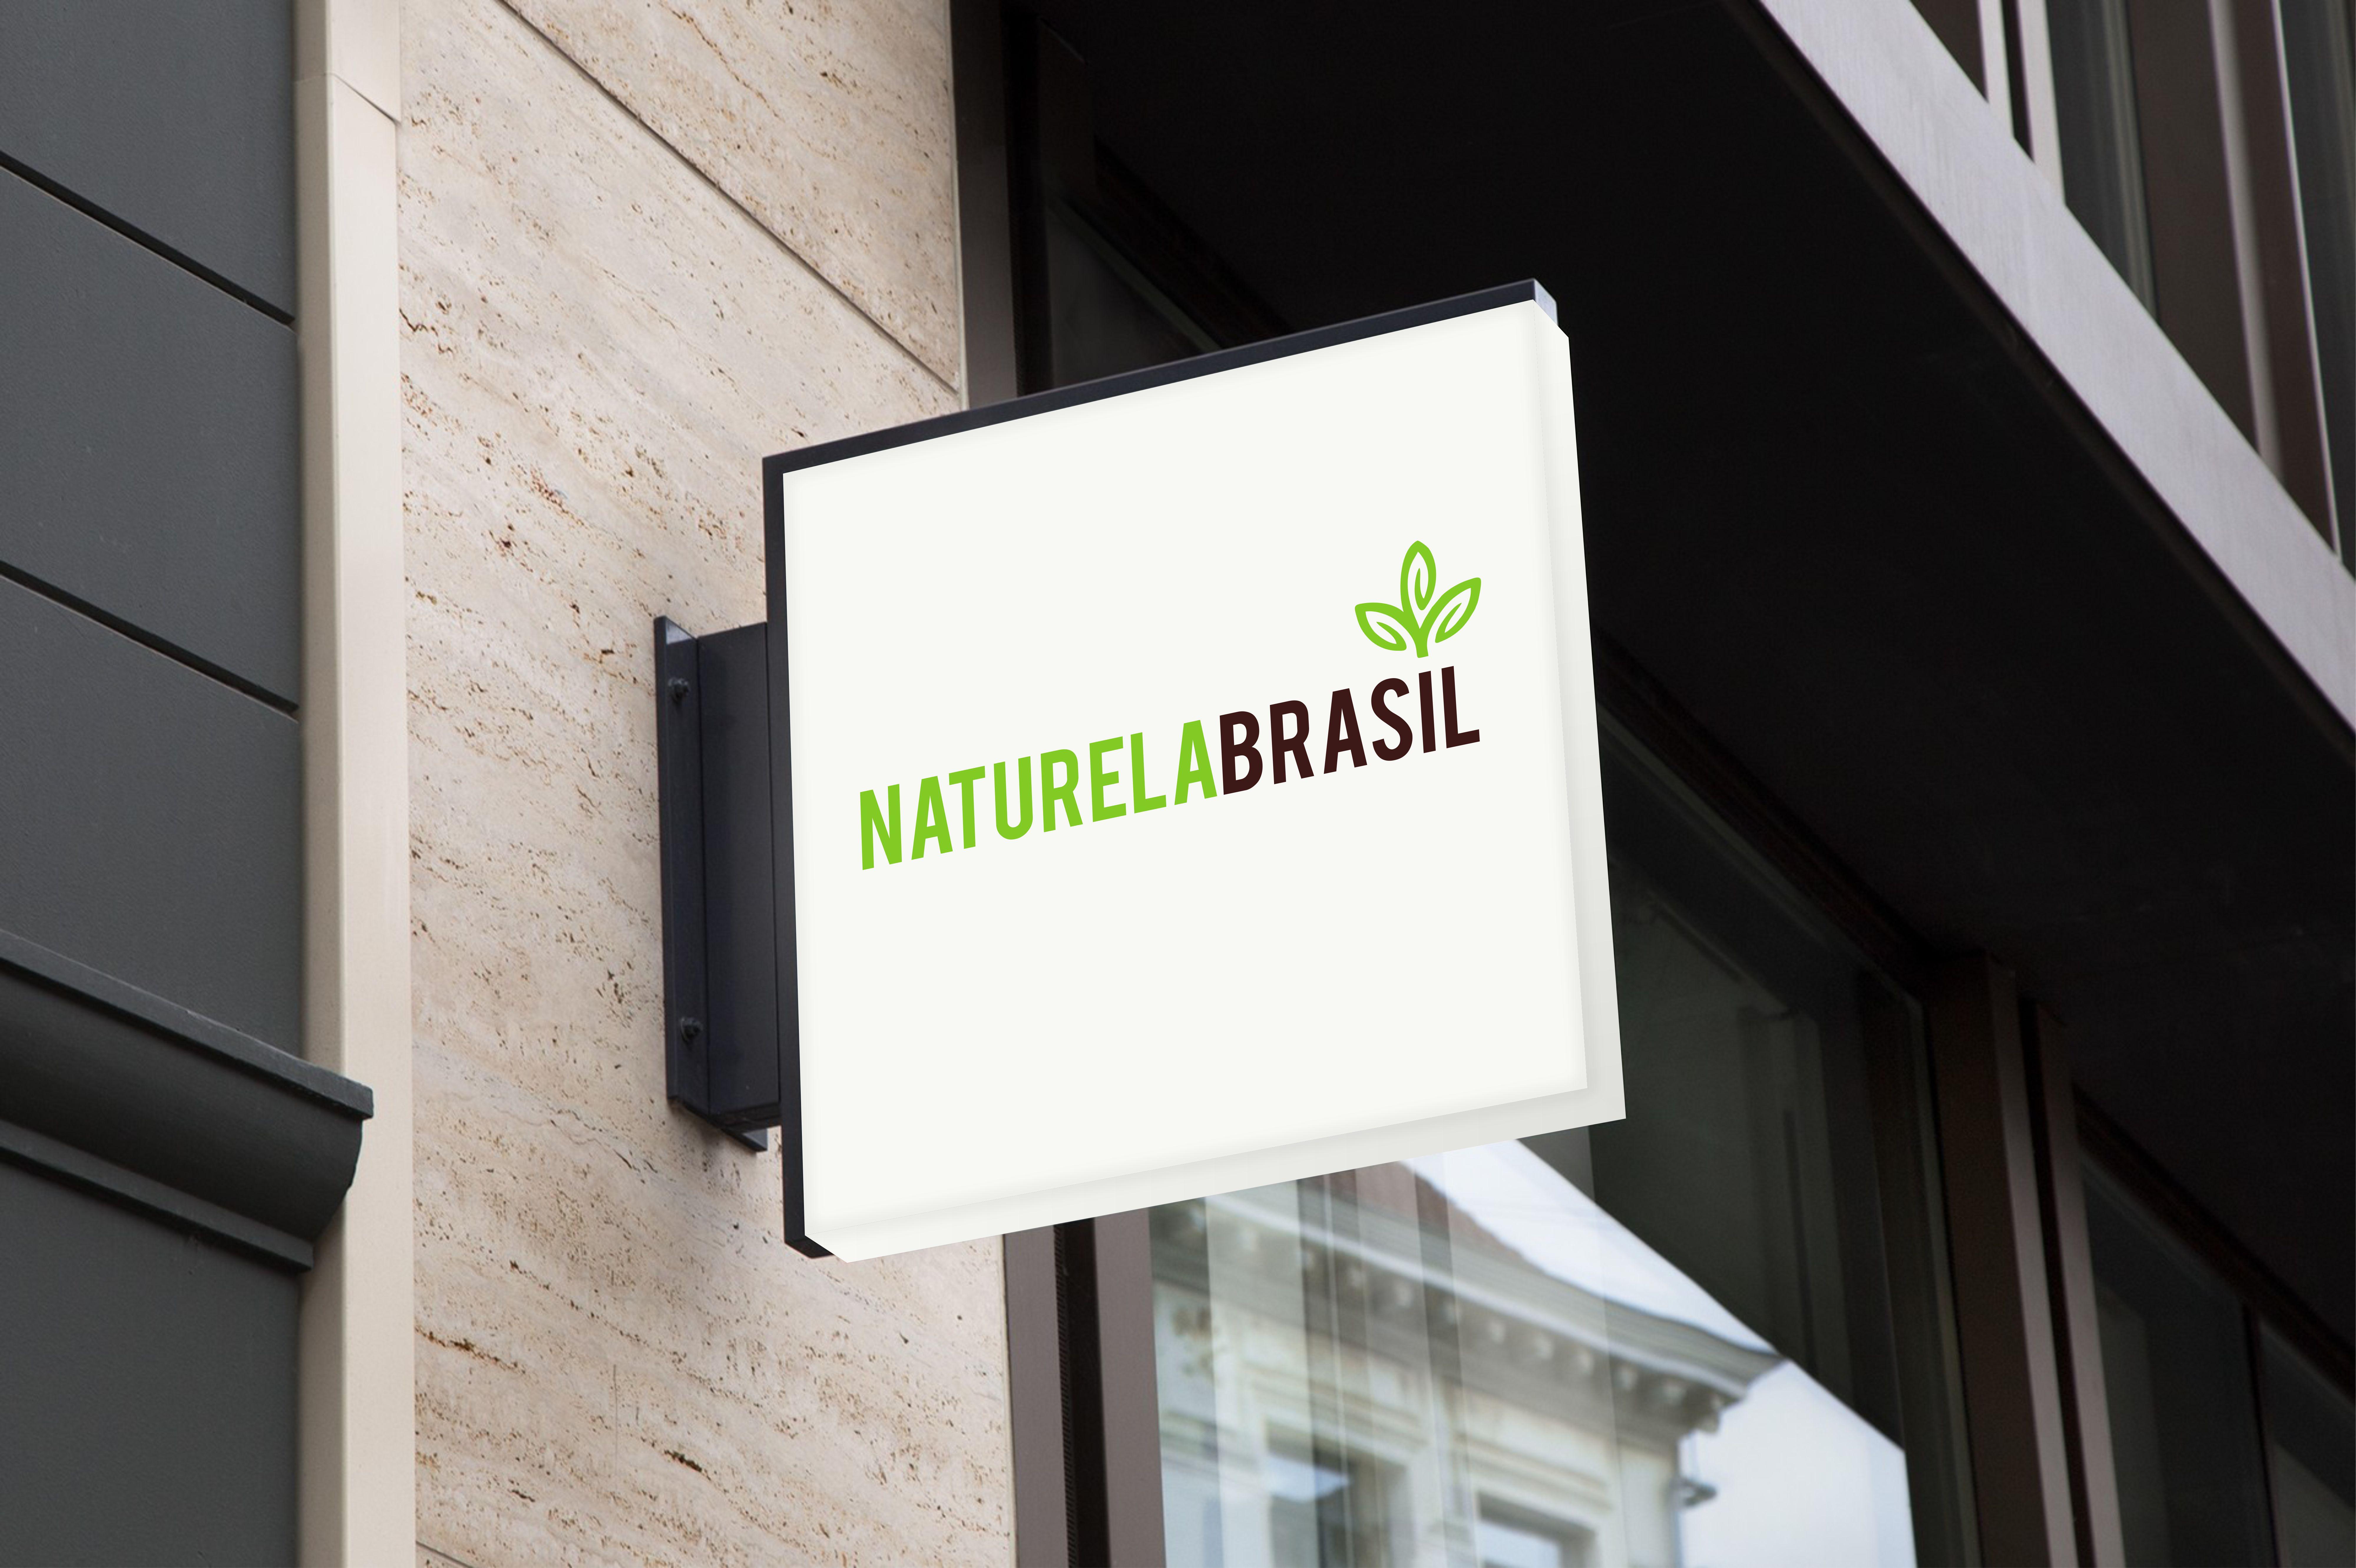 NATURELA BRASIL